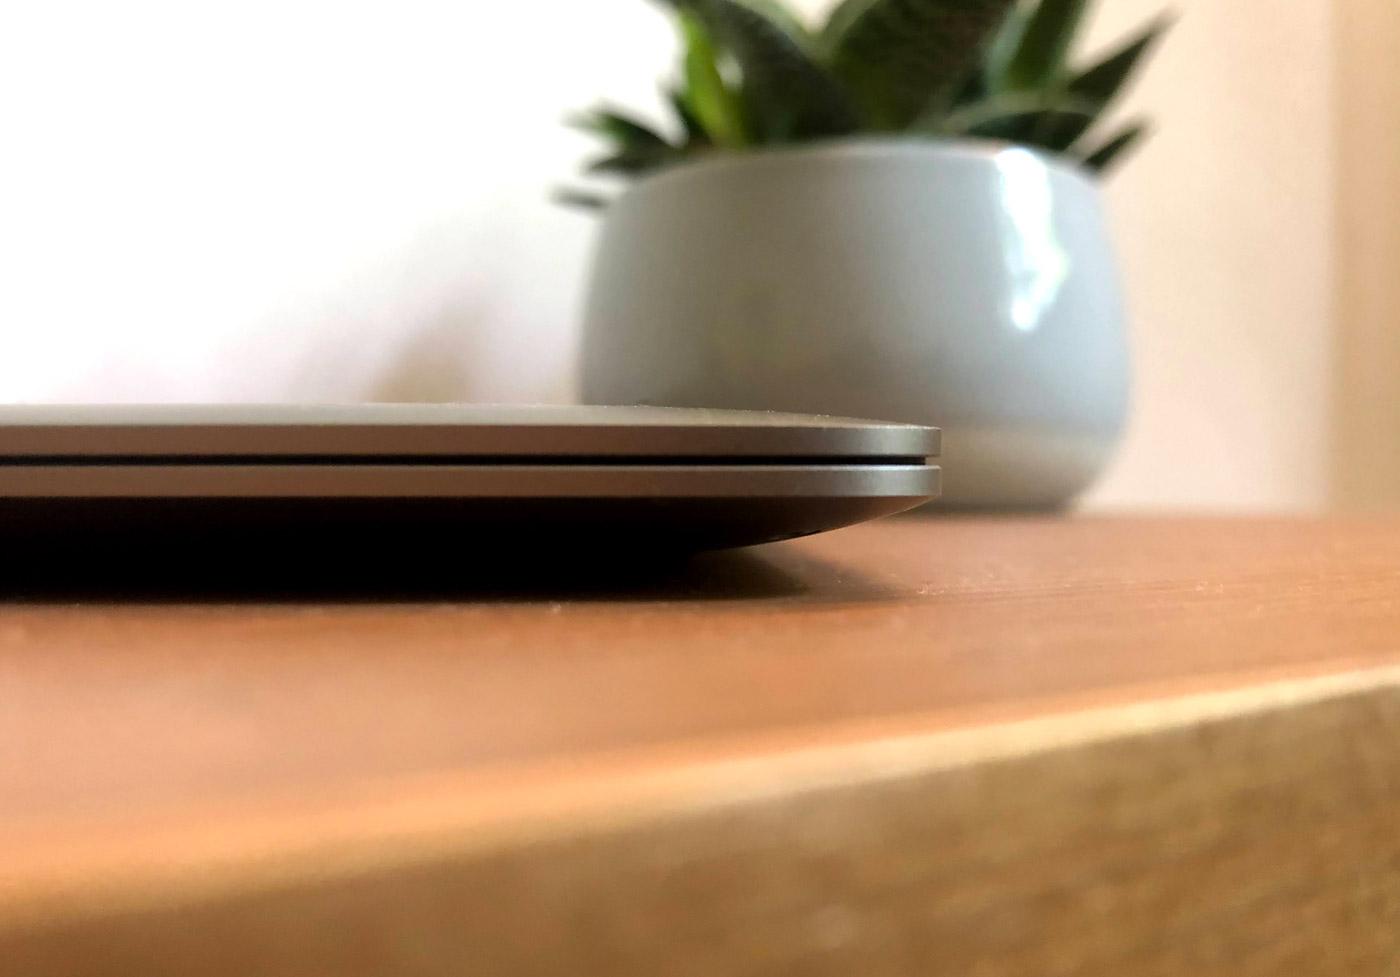 MacBook Air M1 Seitenansicht